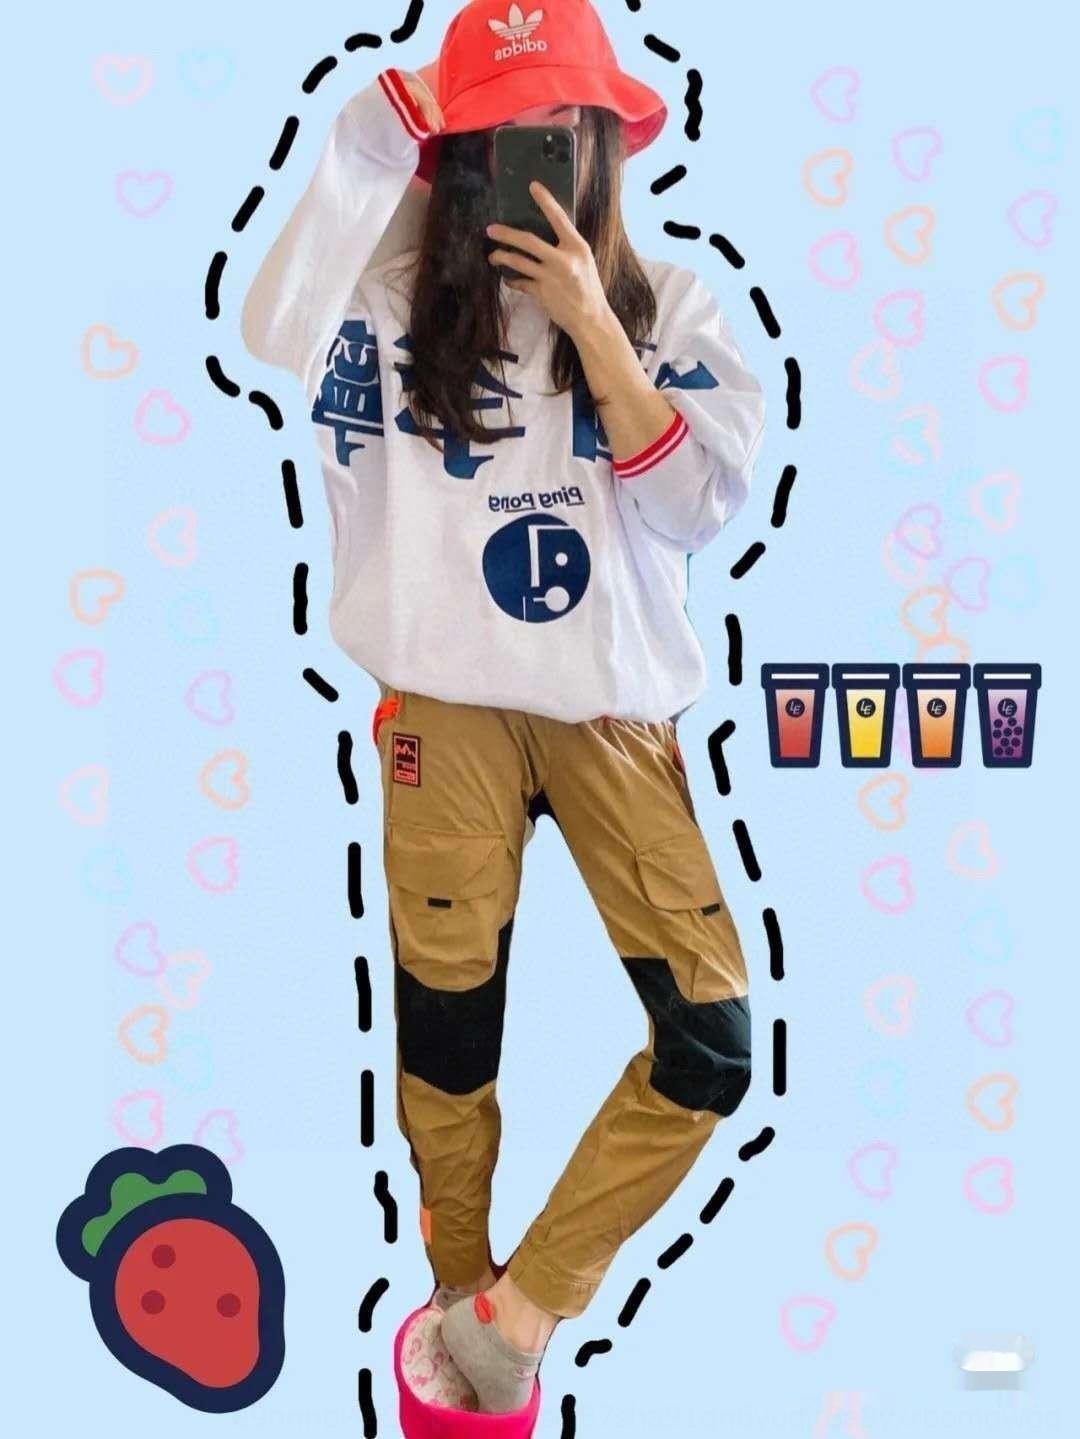 twbCE свитер Китай Li Ning Париж недели мода взлетно-посадочная полоса летучего вышитого Новый рукава вышитые свитер мужчин и женщин для DJRFP